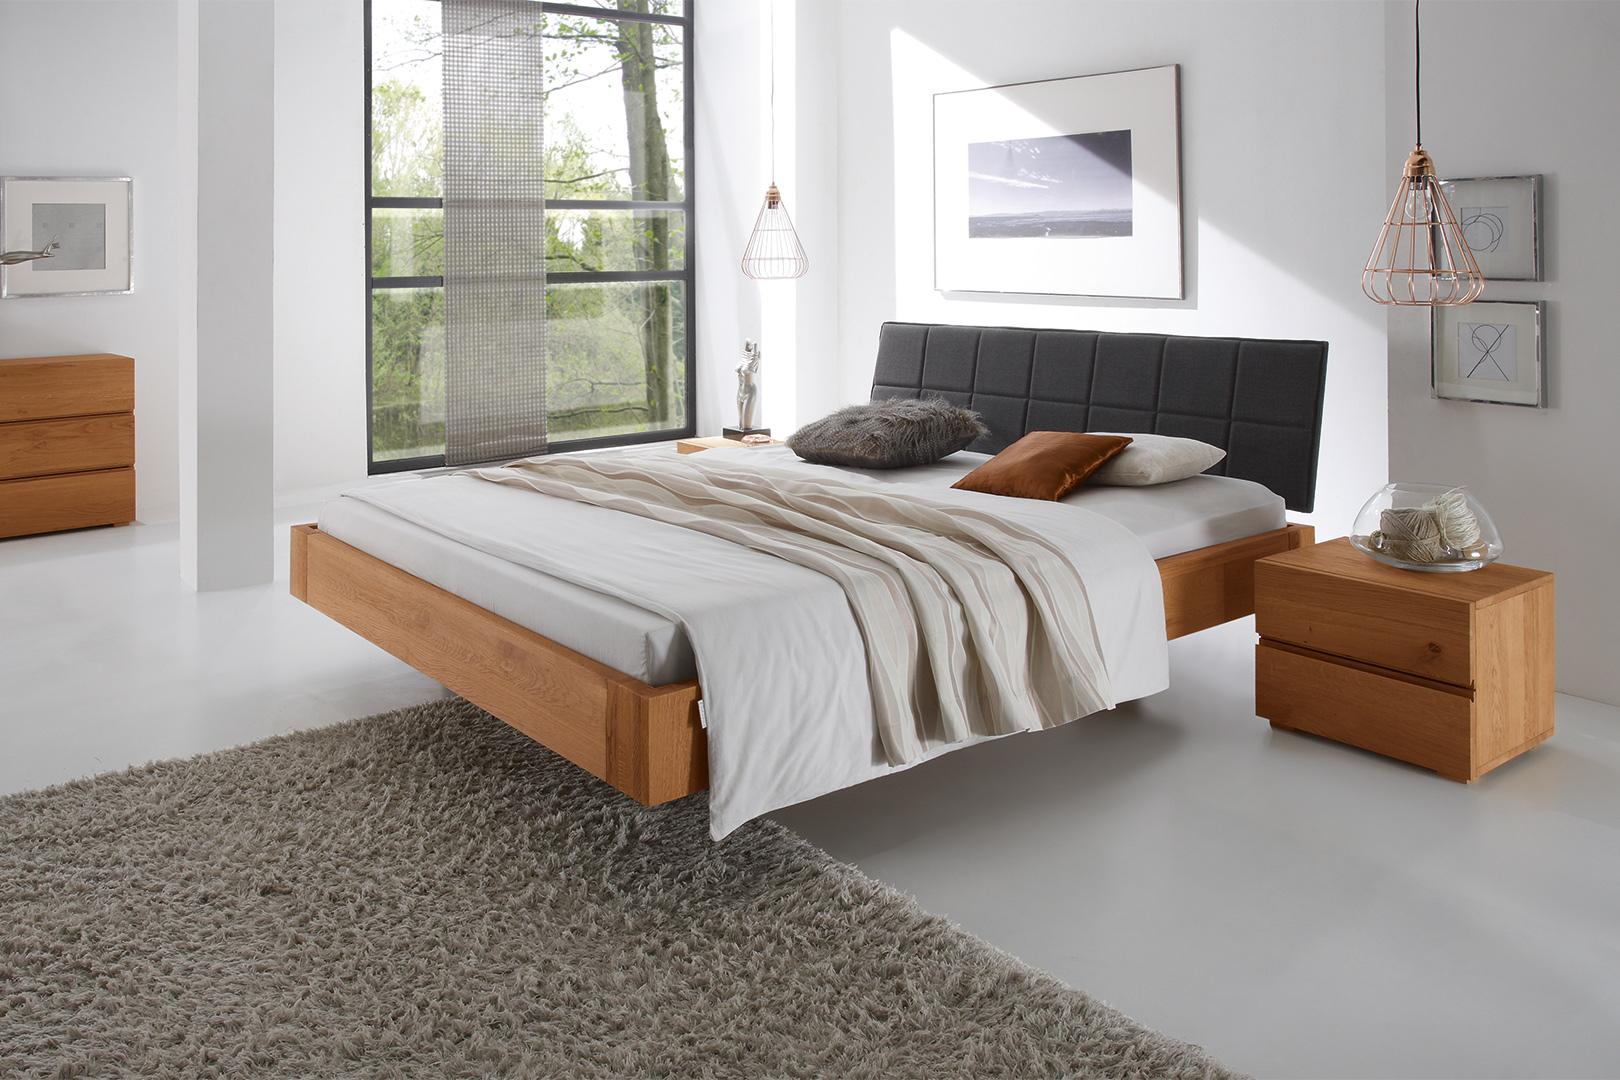 Massivholzbett mit Polsterkopfteil - Ihr Traumbett bei Sitec in Büren selbst konfigurieren